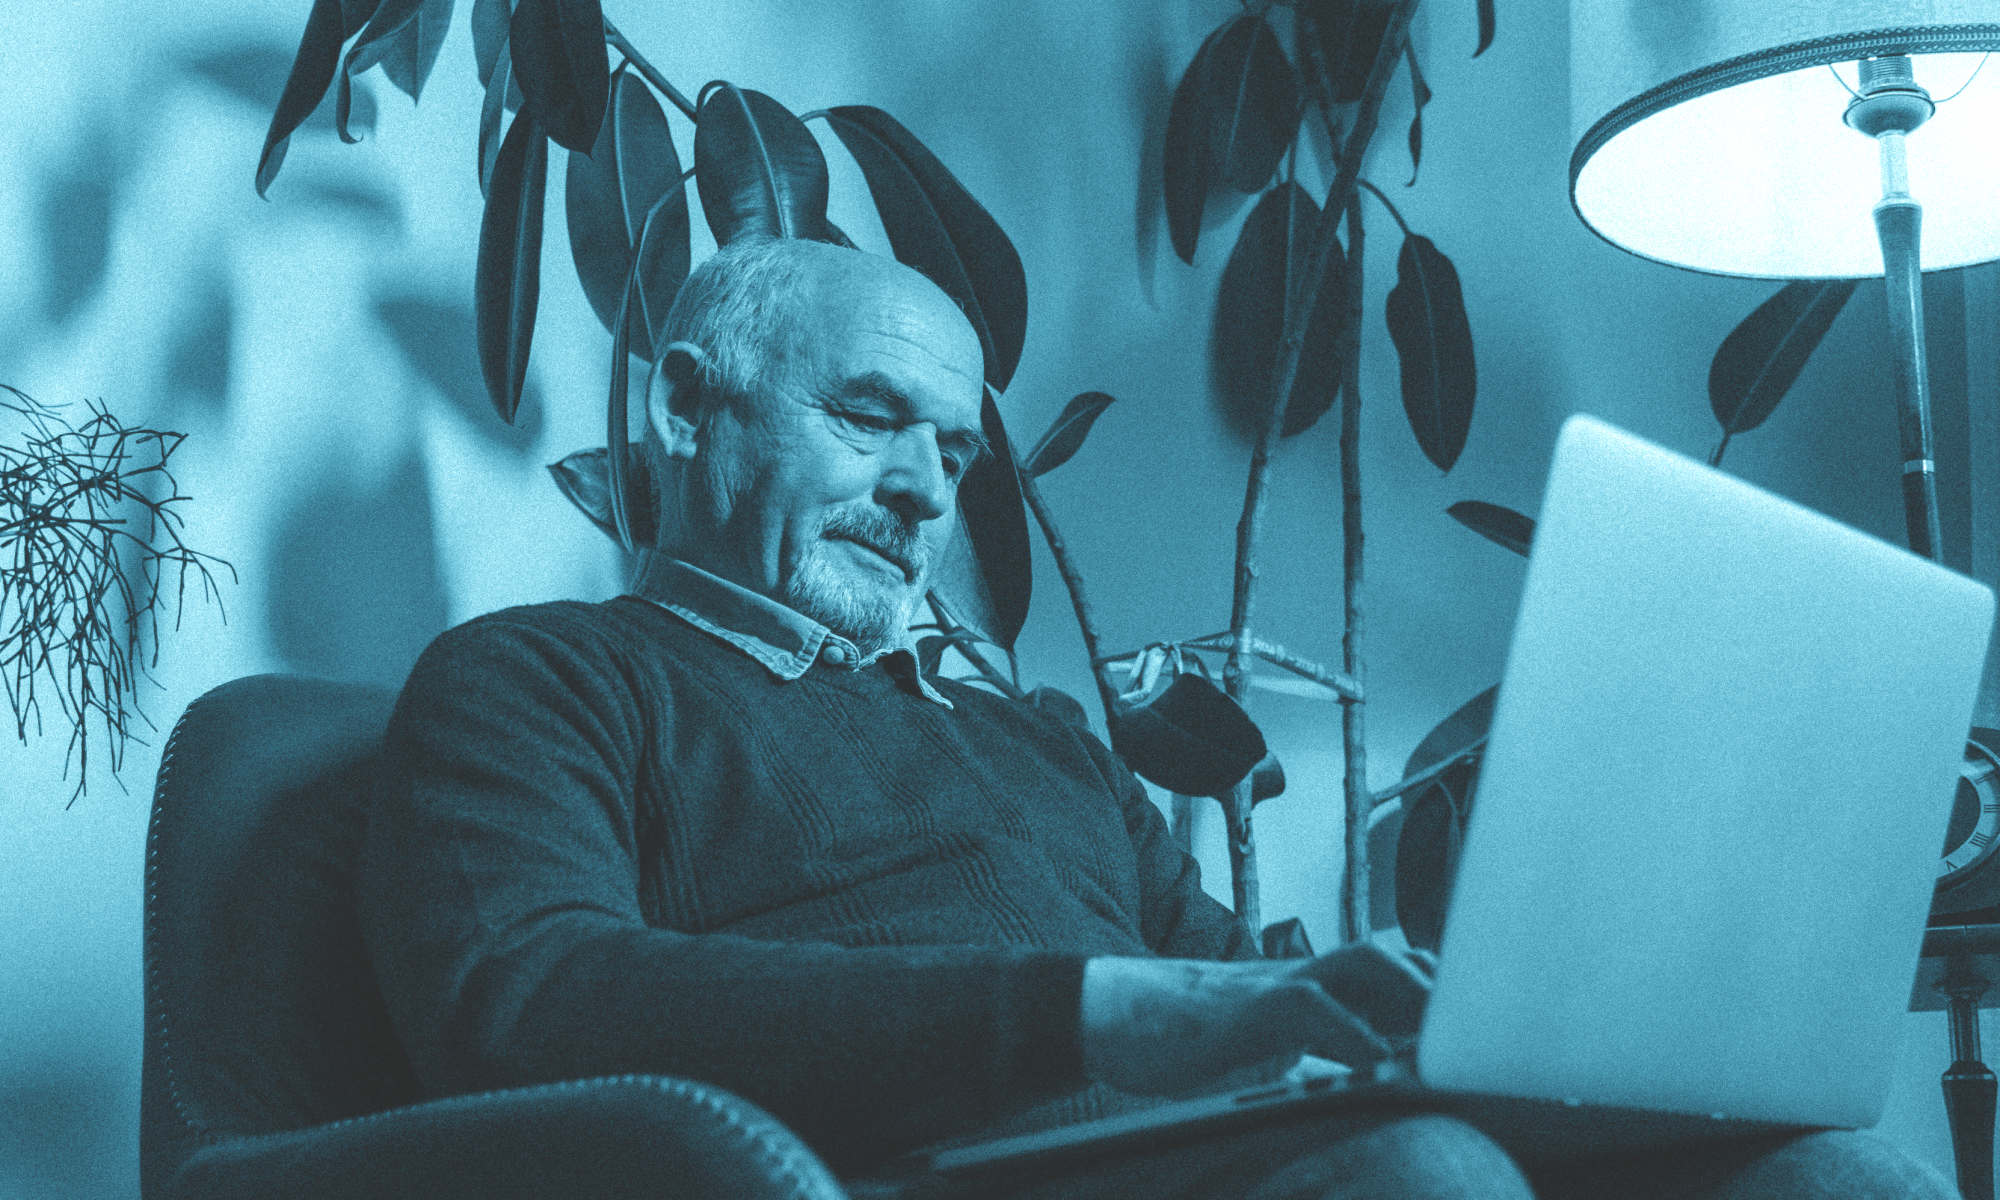 SIEMENS Pensionär & Altersteilzeit Kommunikation